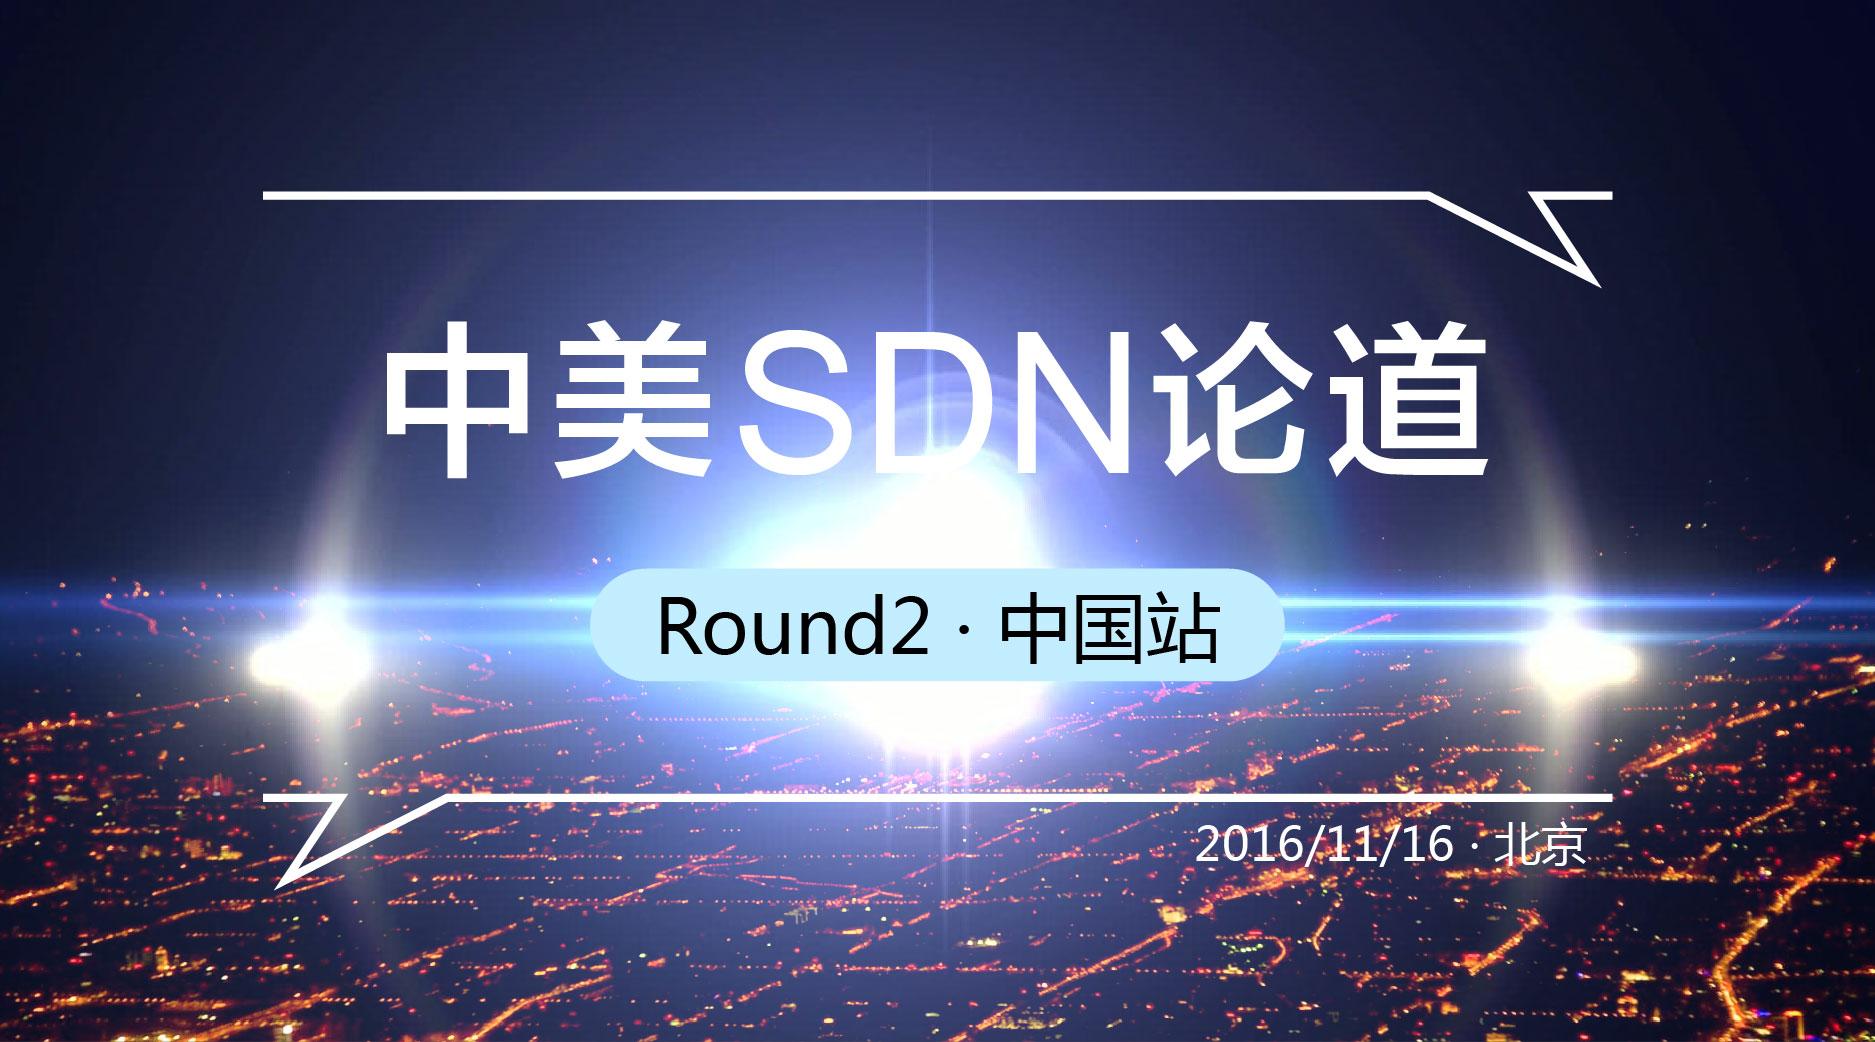 中美SDN论道第二站:释放软件潜力,让网络编程更容易